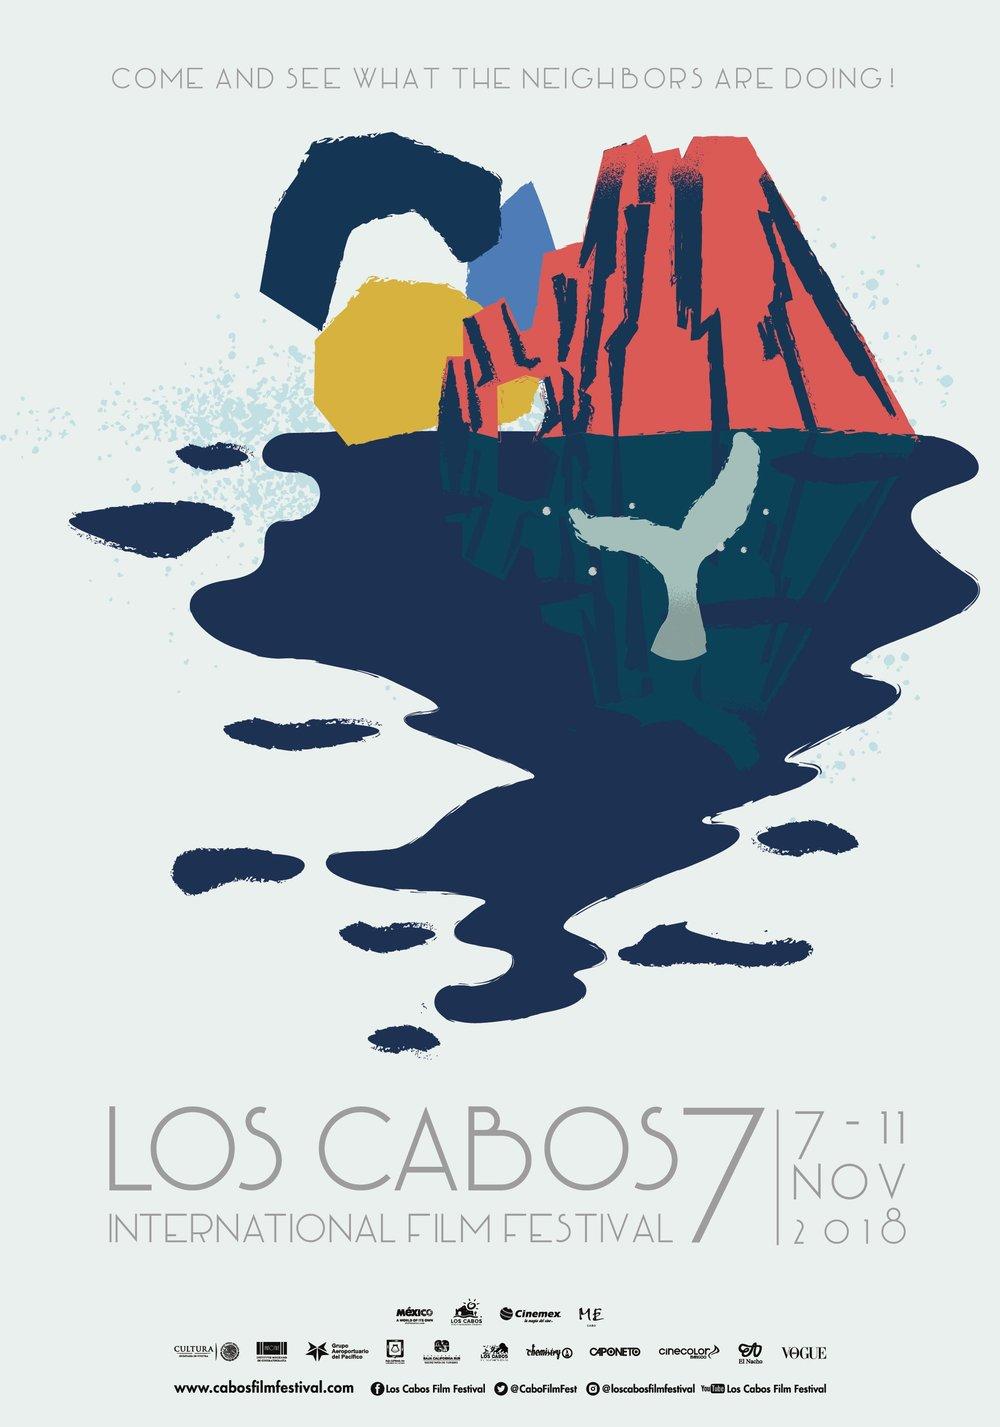 LOS CABOS POSTERS 1.jpg